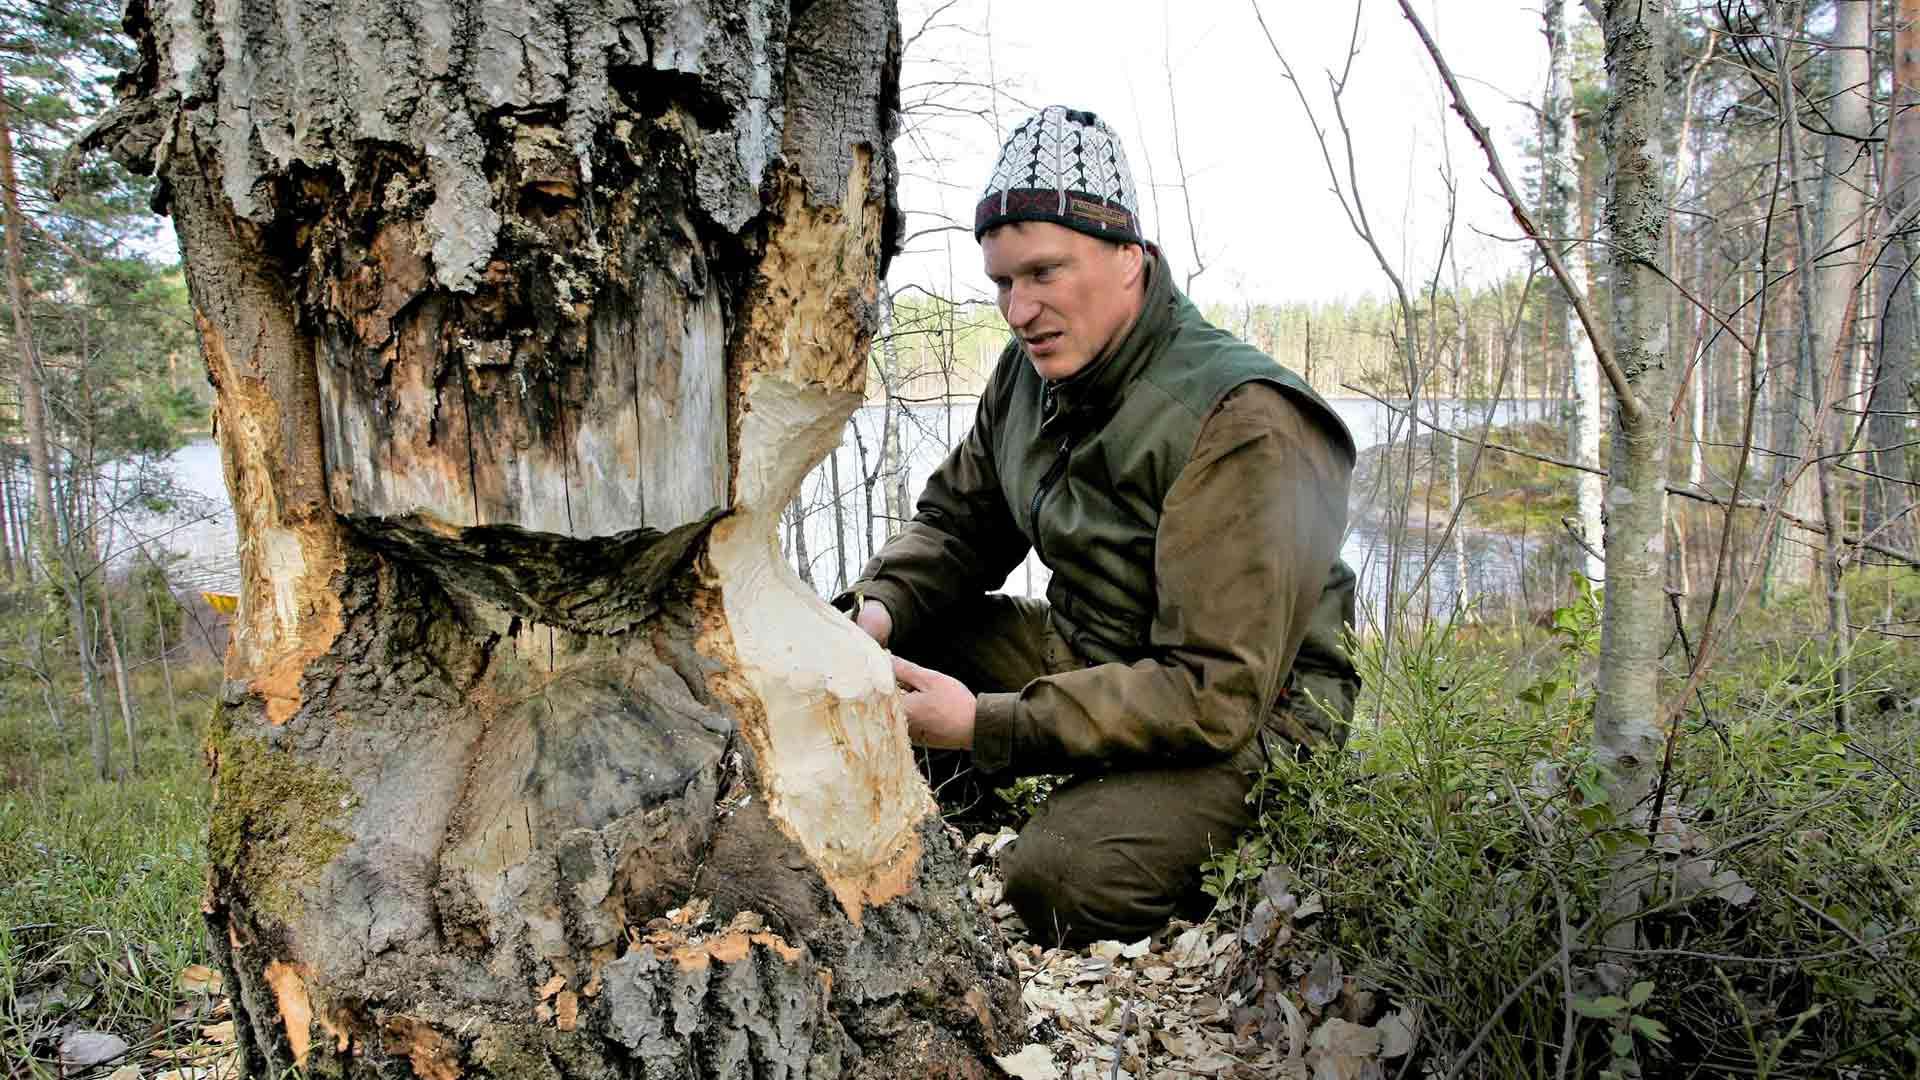 Kari Kokkonen esittelee hyvänkokoisen haavan, jonka majava on lähes onnistunut jo kaatamaan.